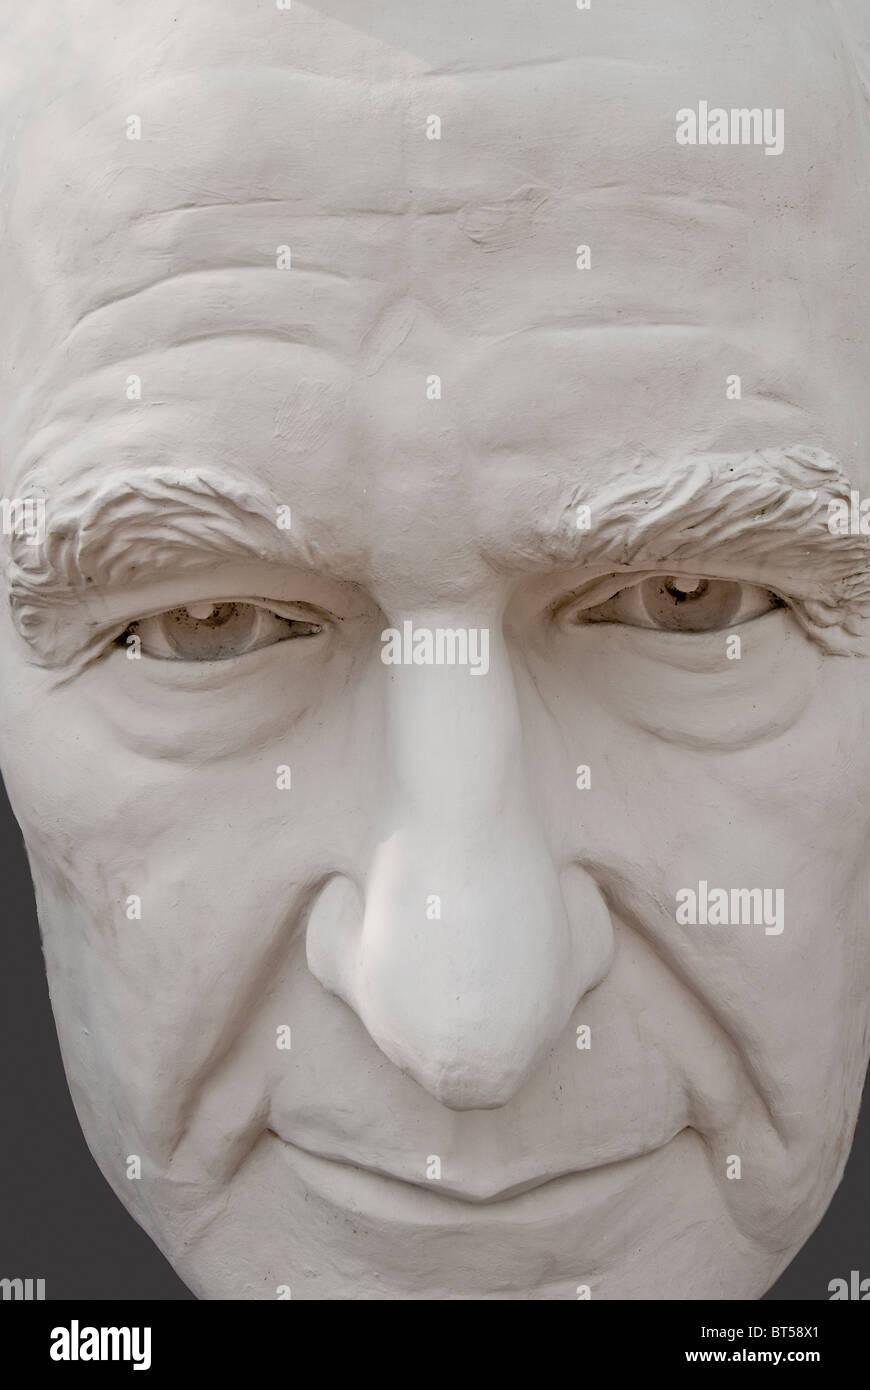 White concrete sculpture of George H. W. Bush (41st US President) at David Adickes Sculpturworx Studio in Houston, Texas, USA Stock Photo